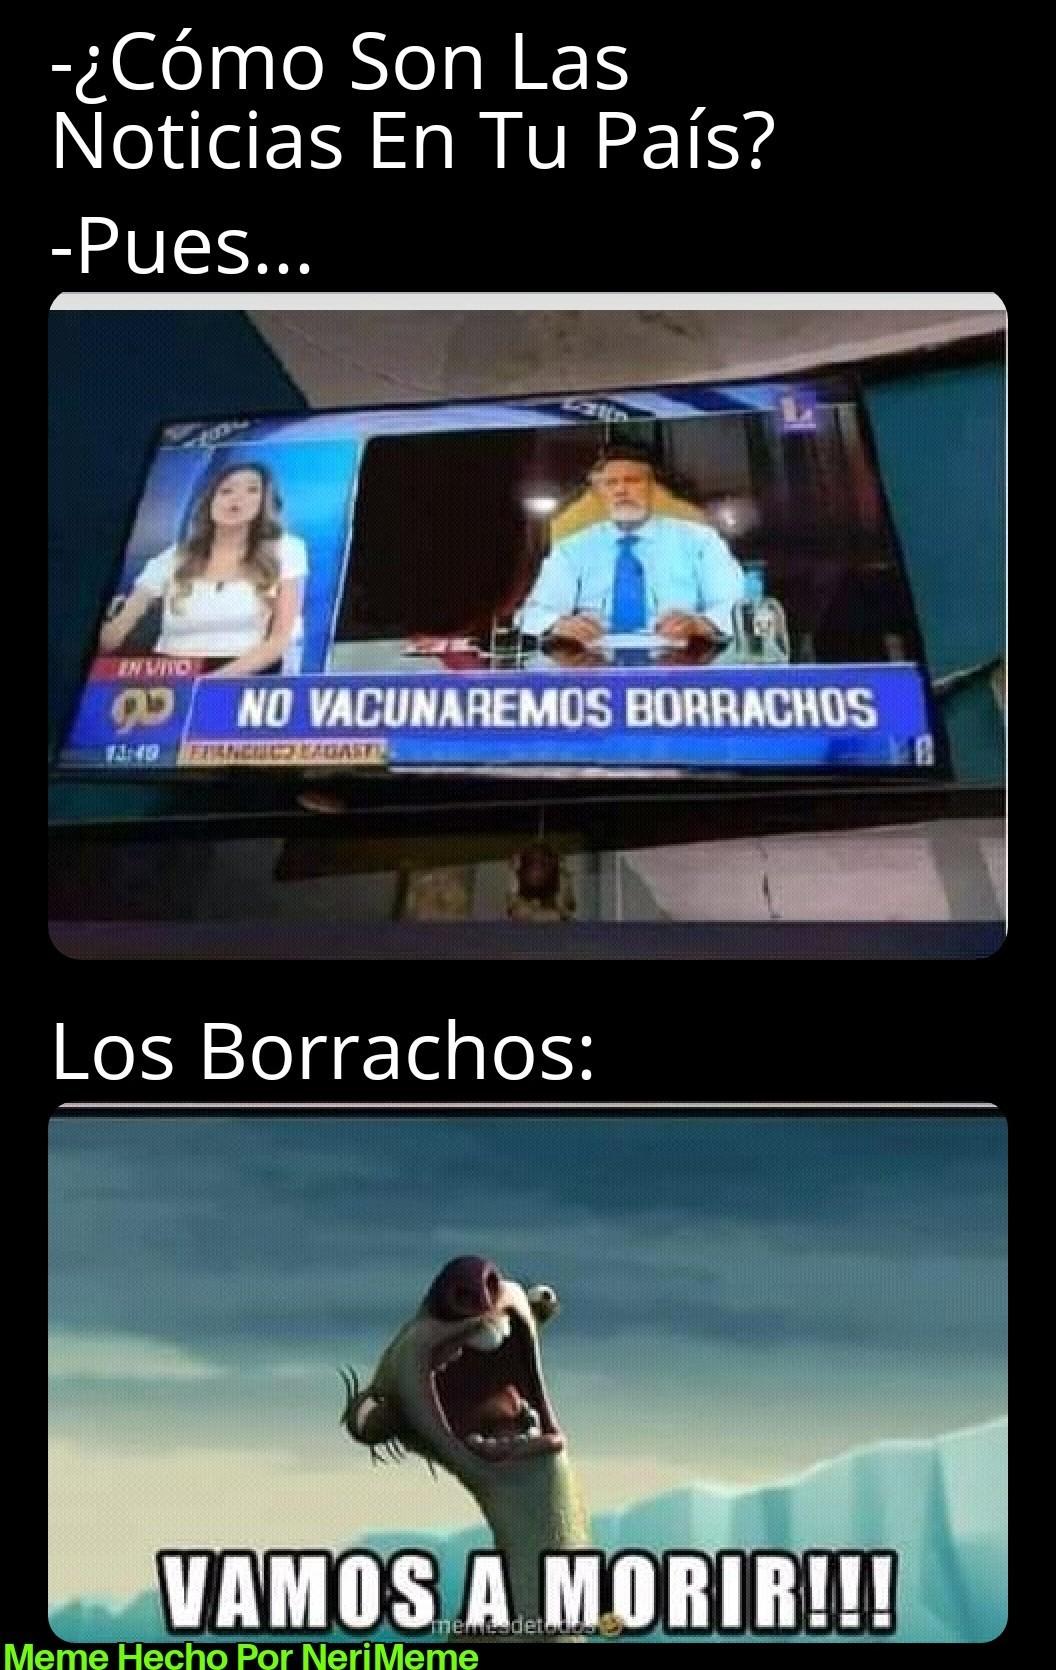 Meme: A Quien Se Le Ocurre De No Vacunar Borrachos